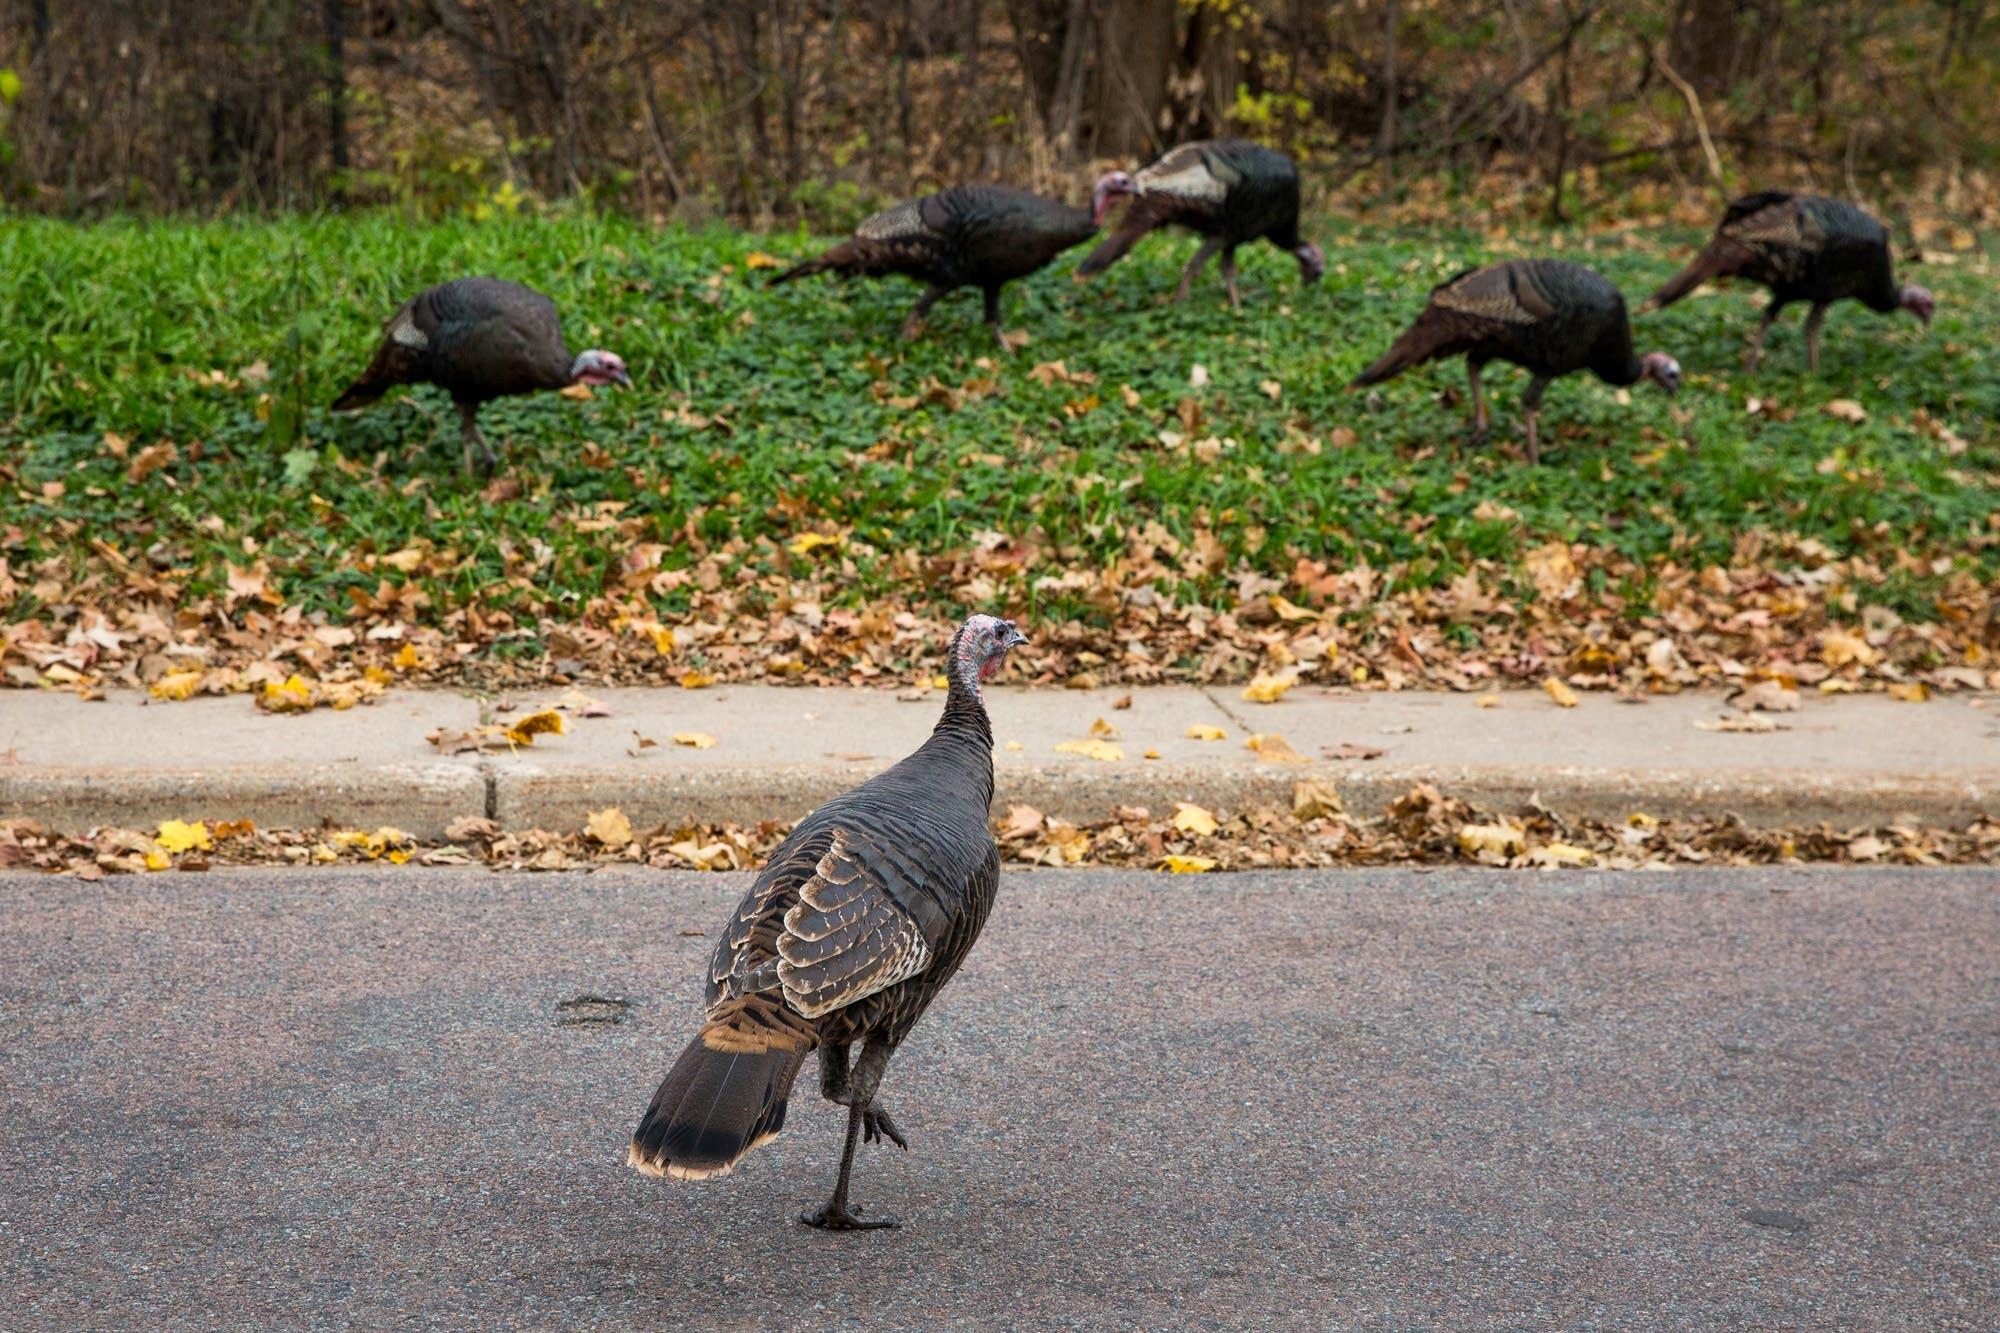 wild turkeys in the